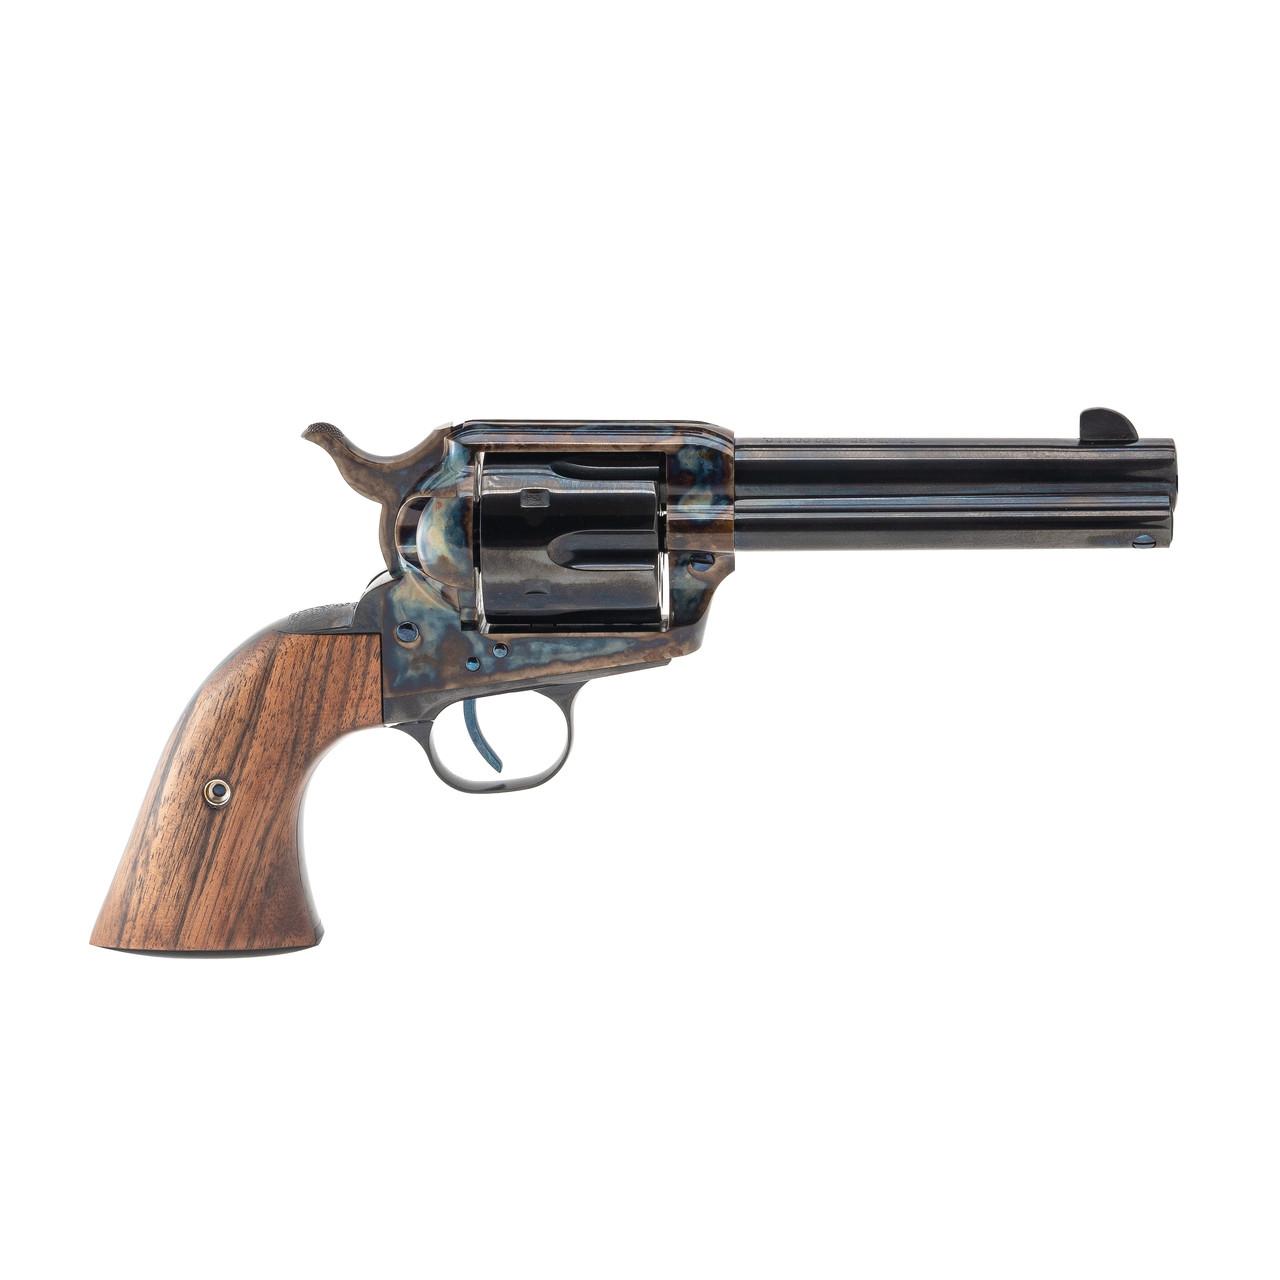 El Chingon Single Action Revolver .38 Special - Standard